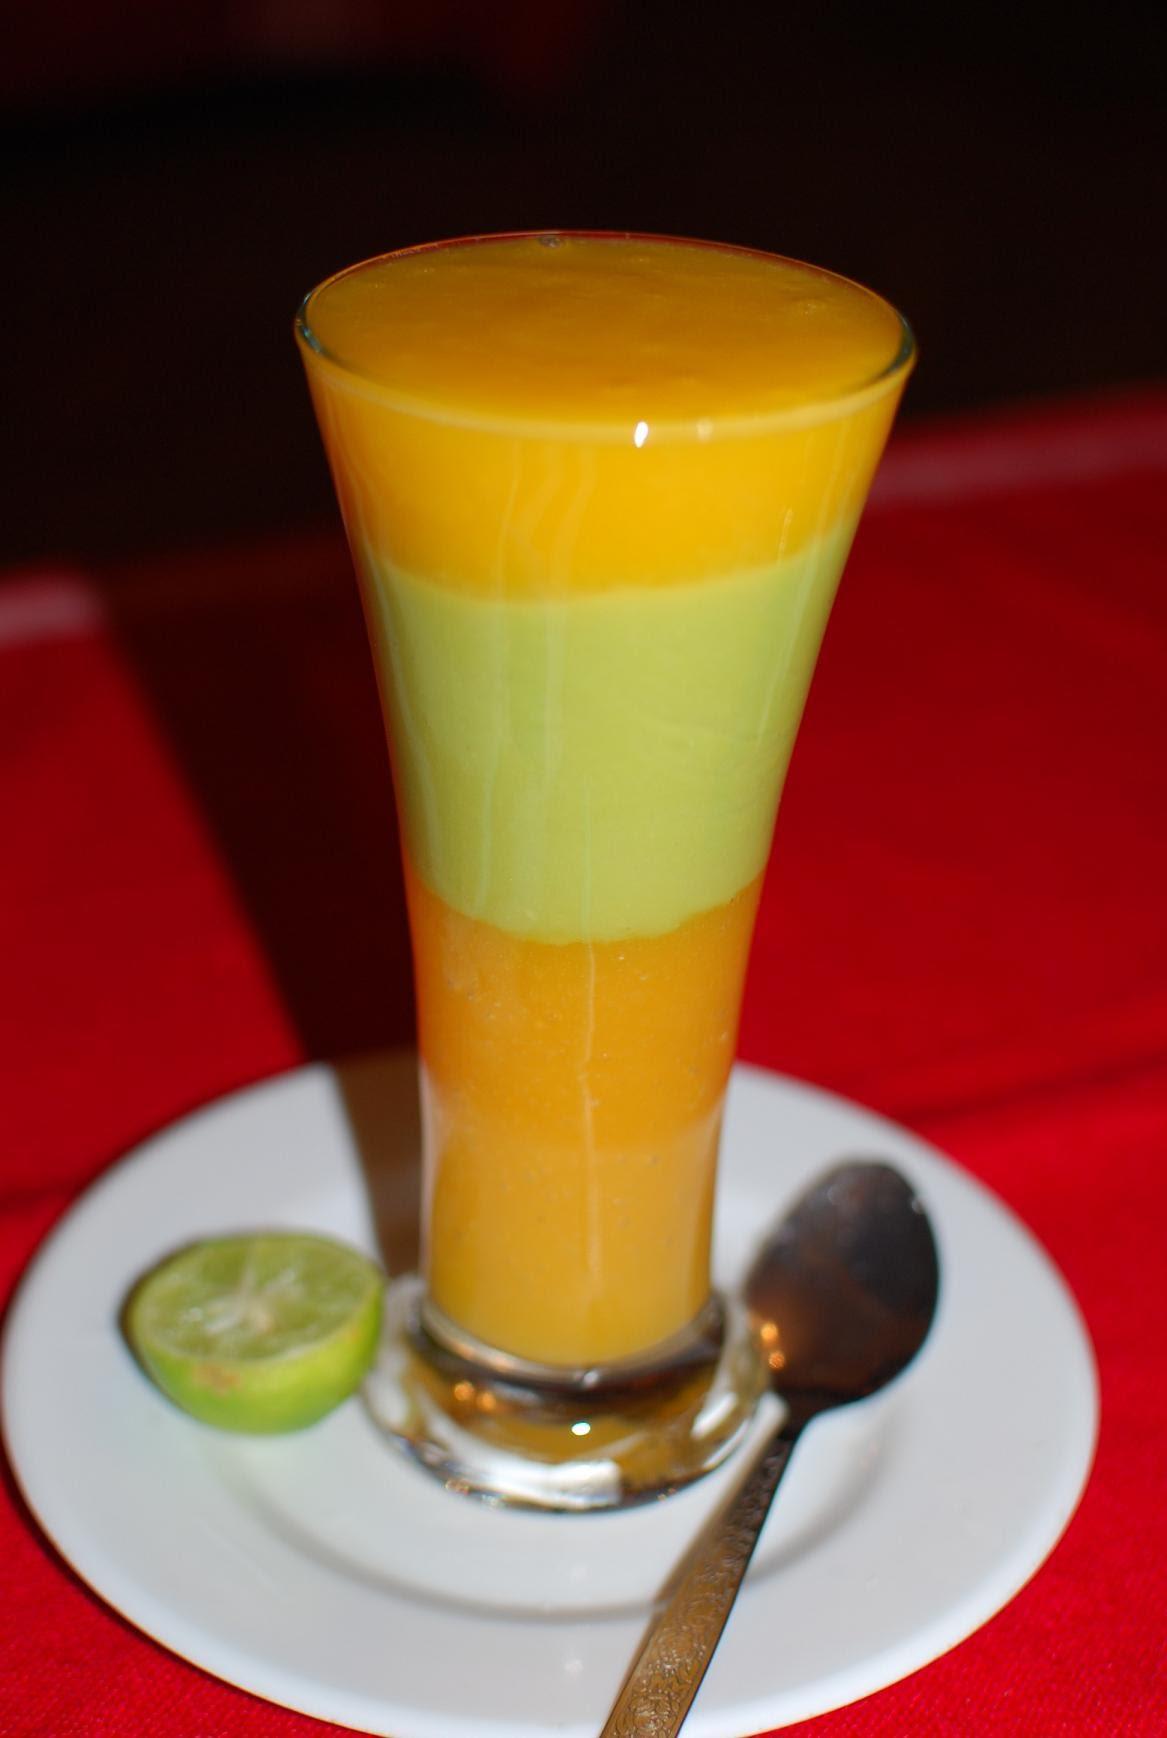 بالصور طريقة عمل عصير المانجو المجمد maxresdefault 32